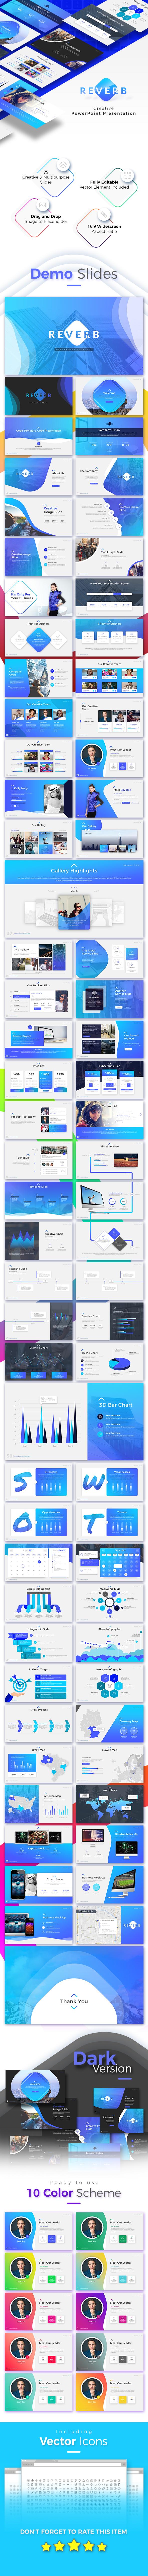 Reverb - Business Presentation